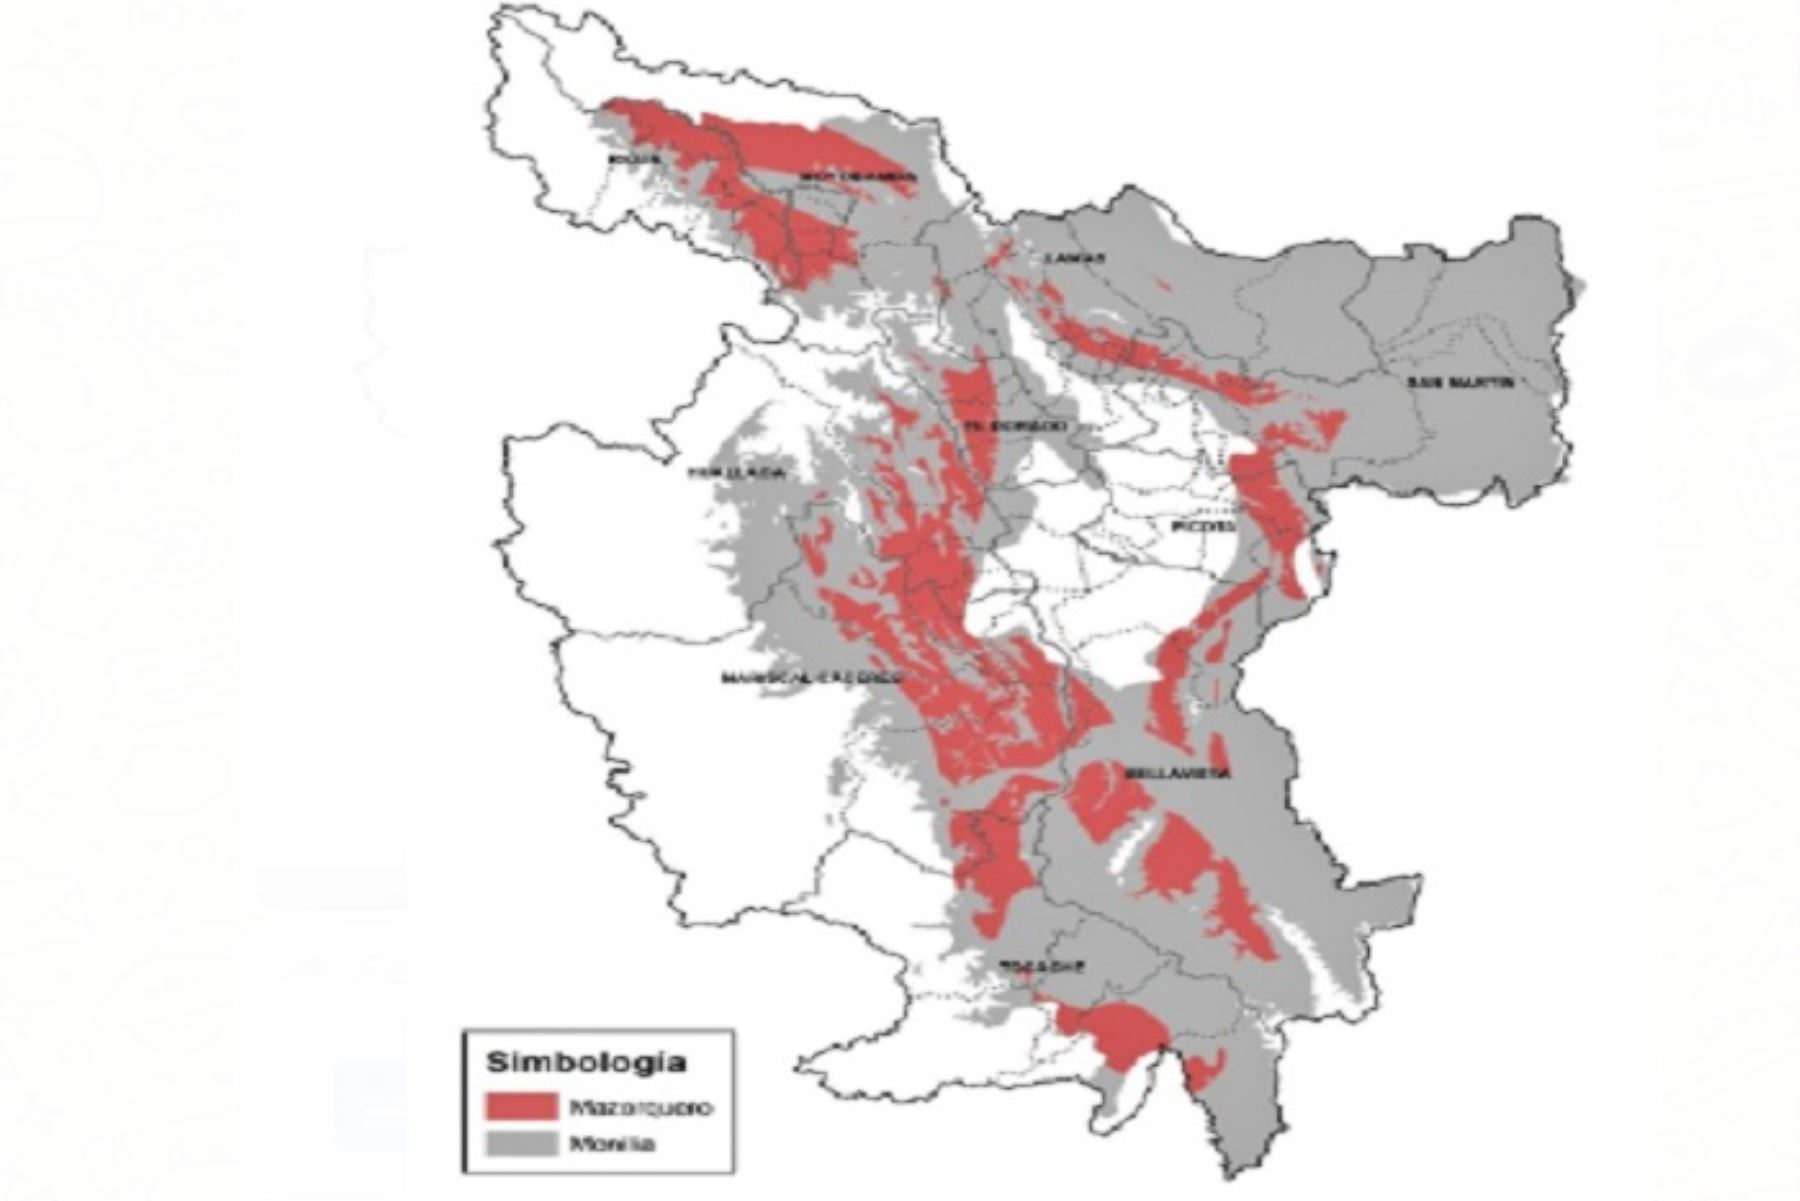 El cultivo del cacao tiene una gran relevancia económica, social y ambiental para la región San Martín, constituyéndose en una especie primordial del sistema agroforestal.